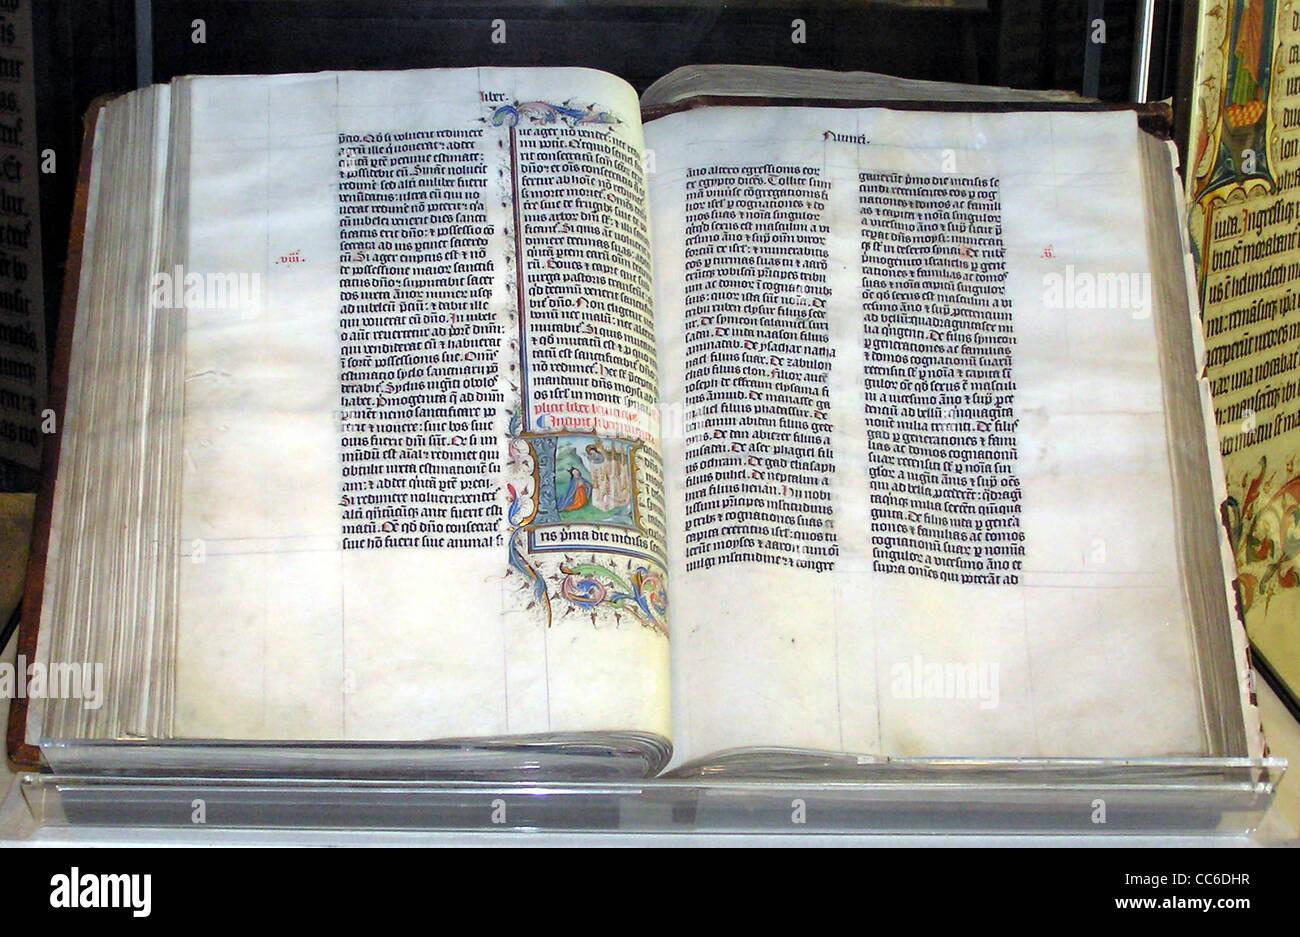 Bibel handschriftlich in lateinischer Sprache, auf dem Display in Malmesbury Abbey, Wiltshire, England. Stockfoto